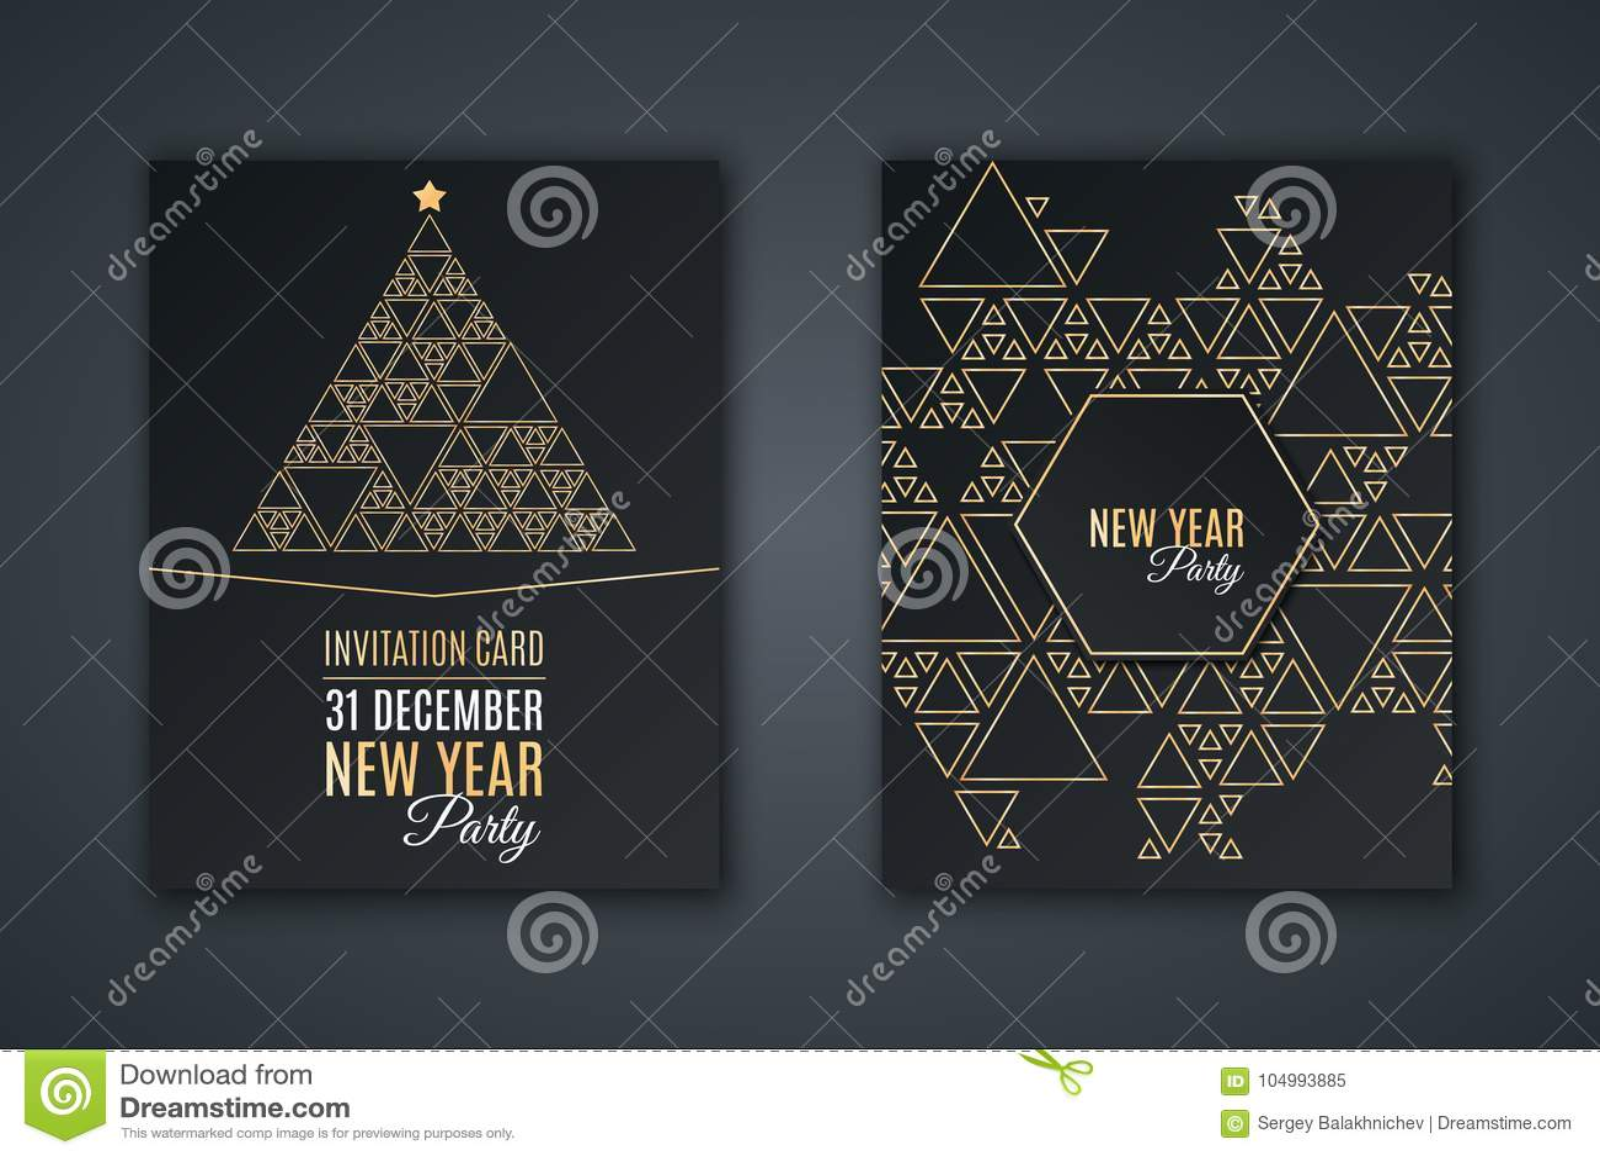 Tarjeta elegante de la invitación para el partido del ` s del Año Nuevo Modele el mosaico hecho de triángulos de oro en un fondo